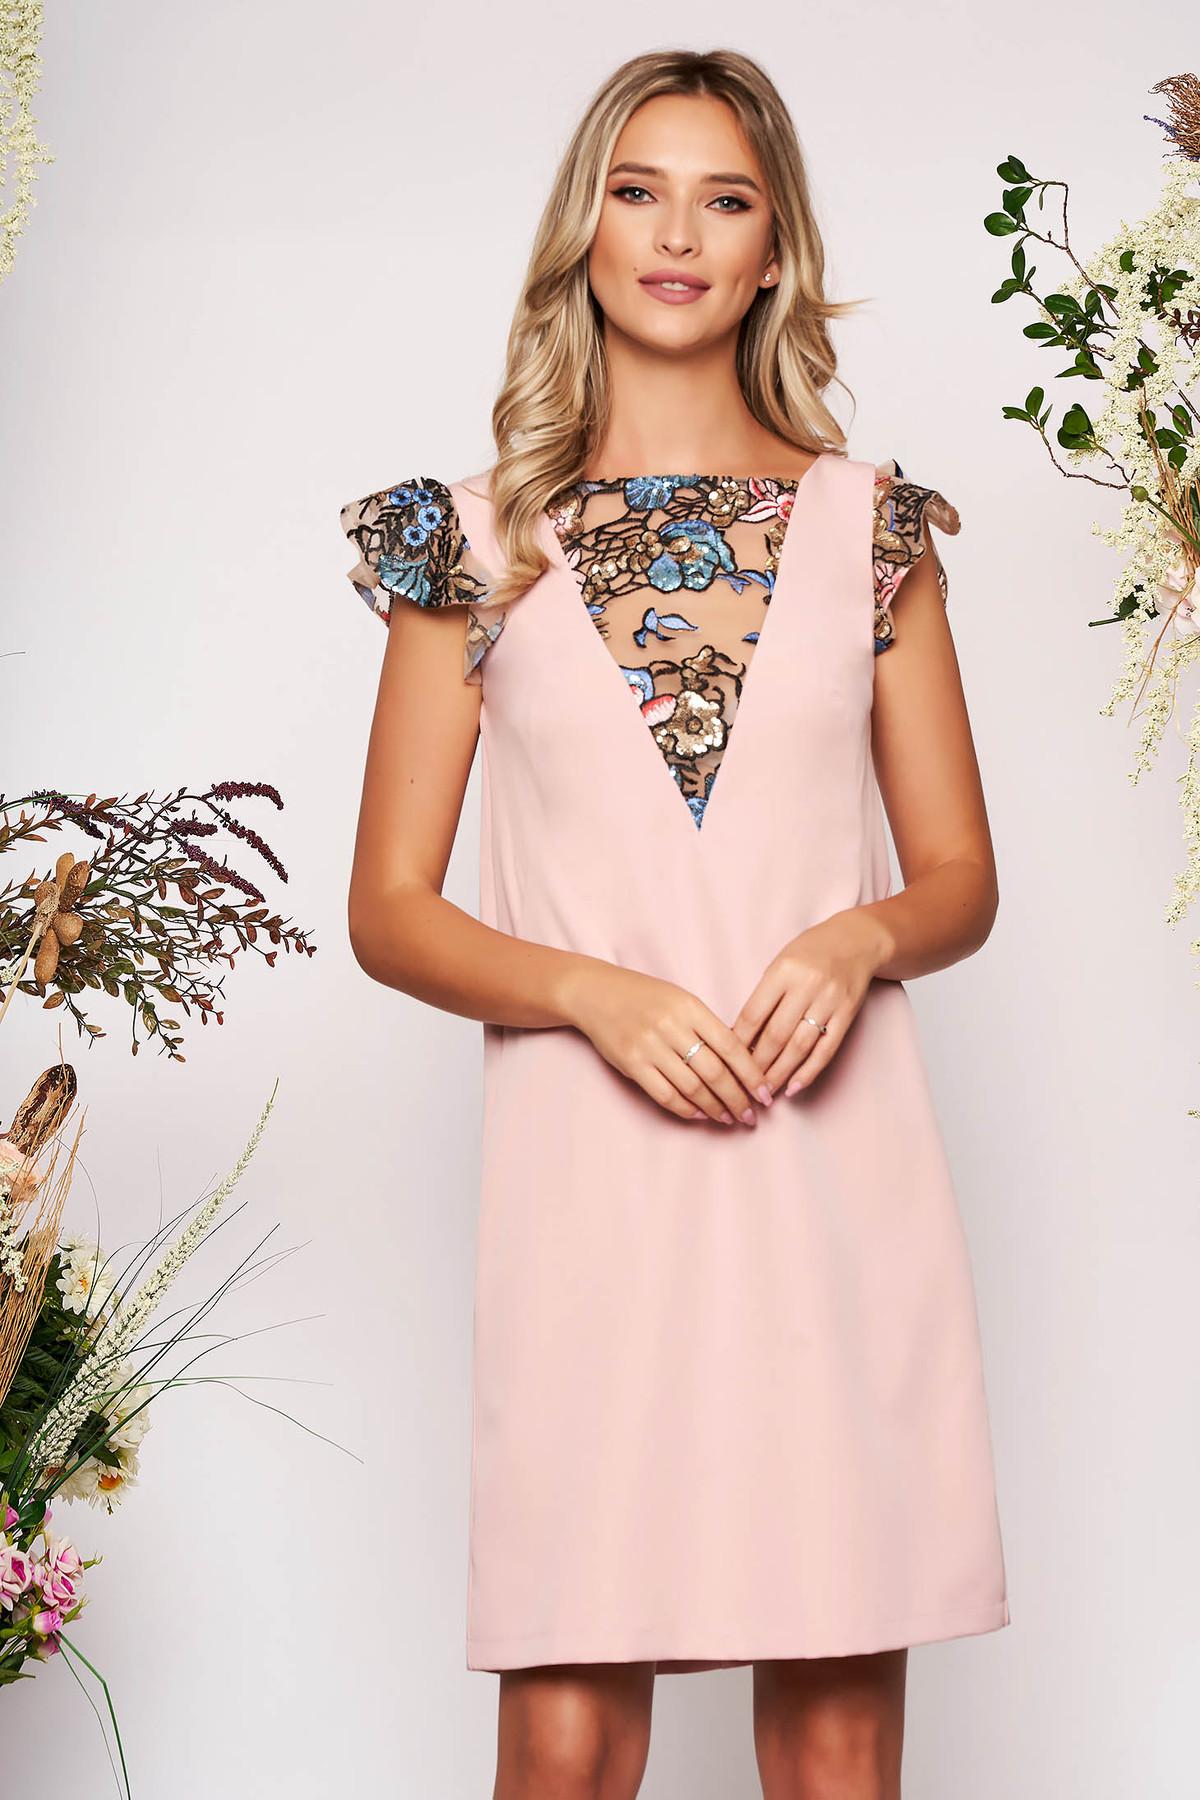 Rochie StarShinerS roz deschis scurta eleganta din stofa cu un croi drept cu maneci tip fluture cu aplicatii cu paiete si broderie